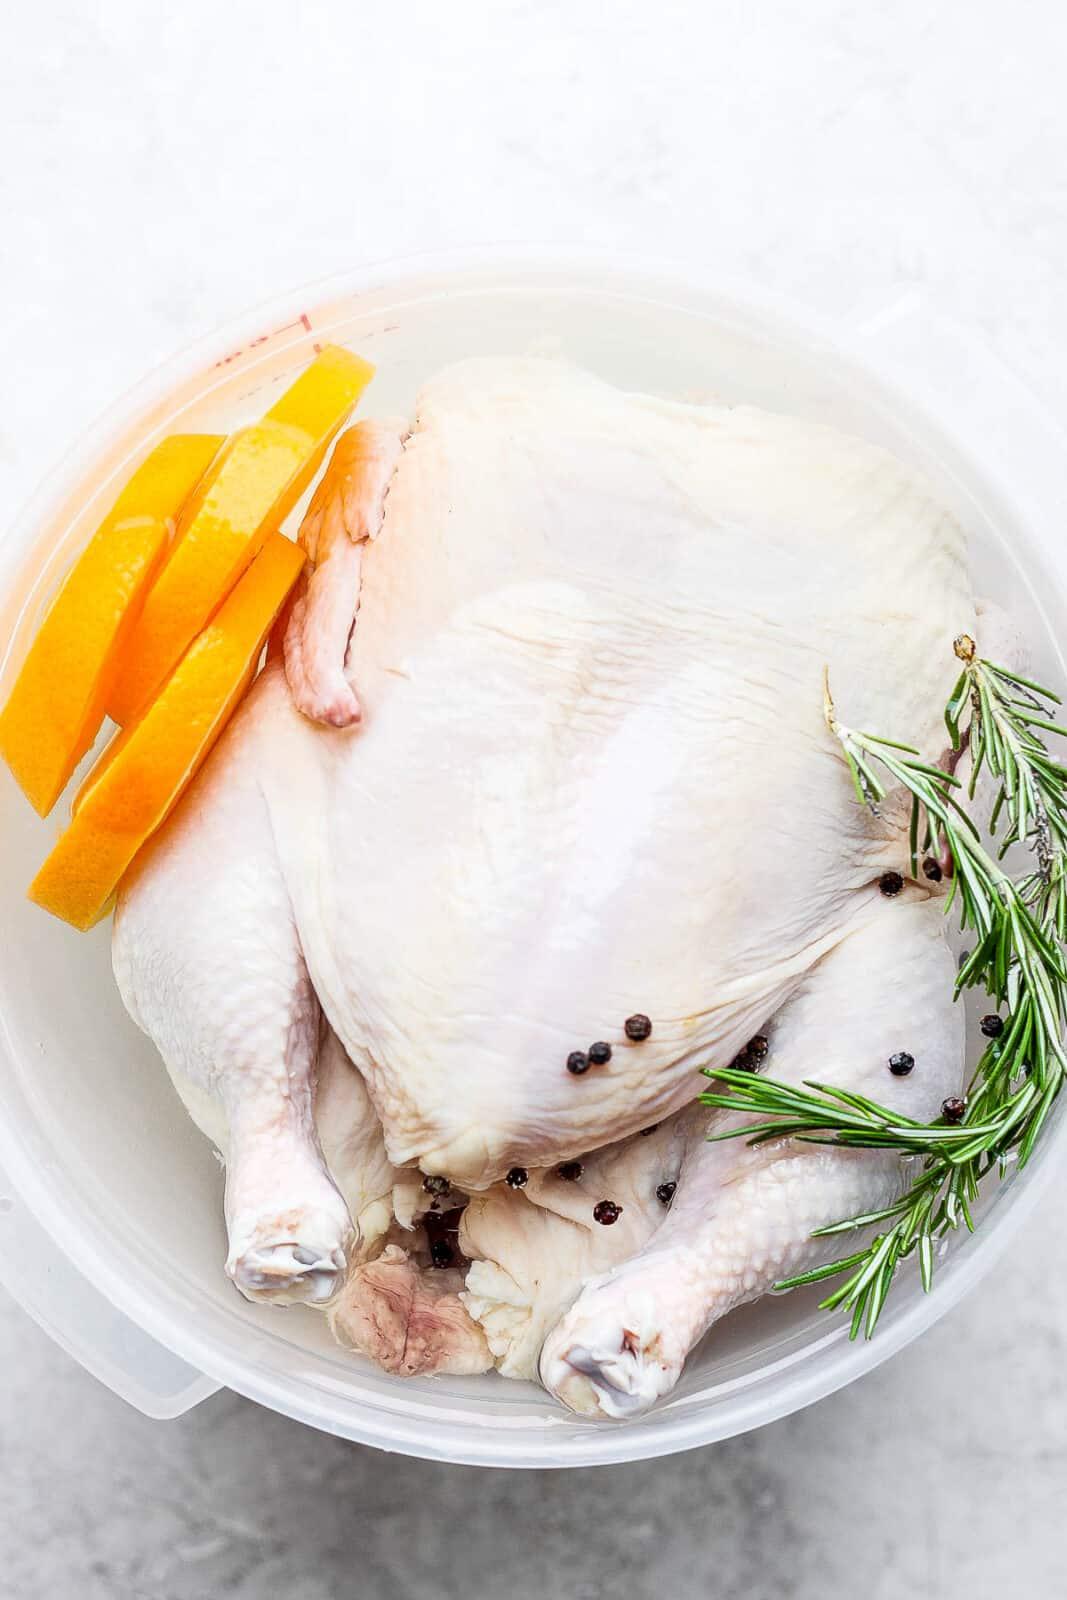 A whole chicken in a smoked chicken brine.